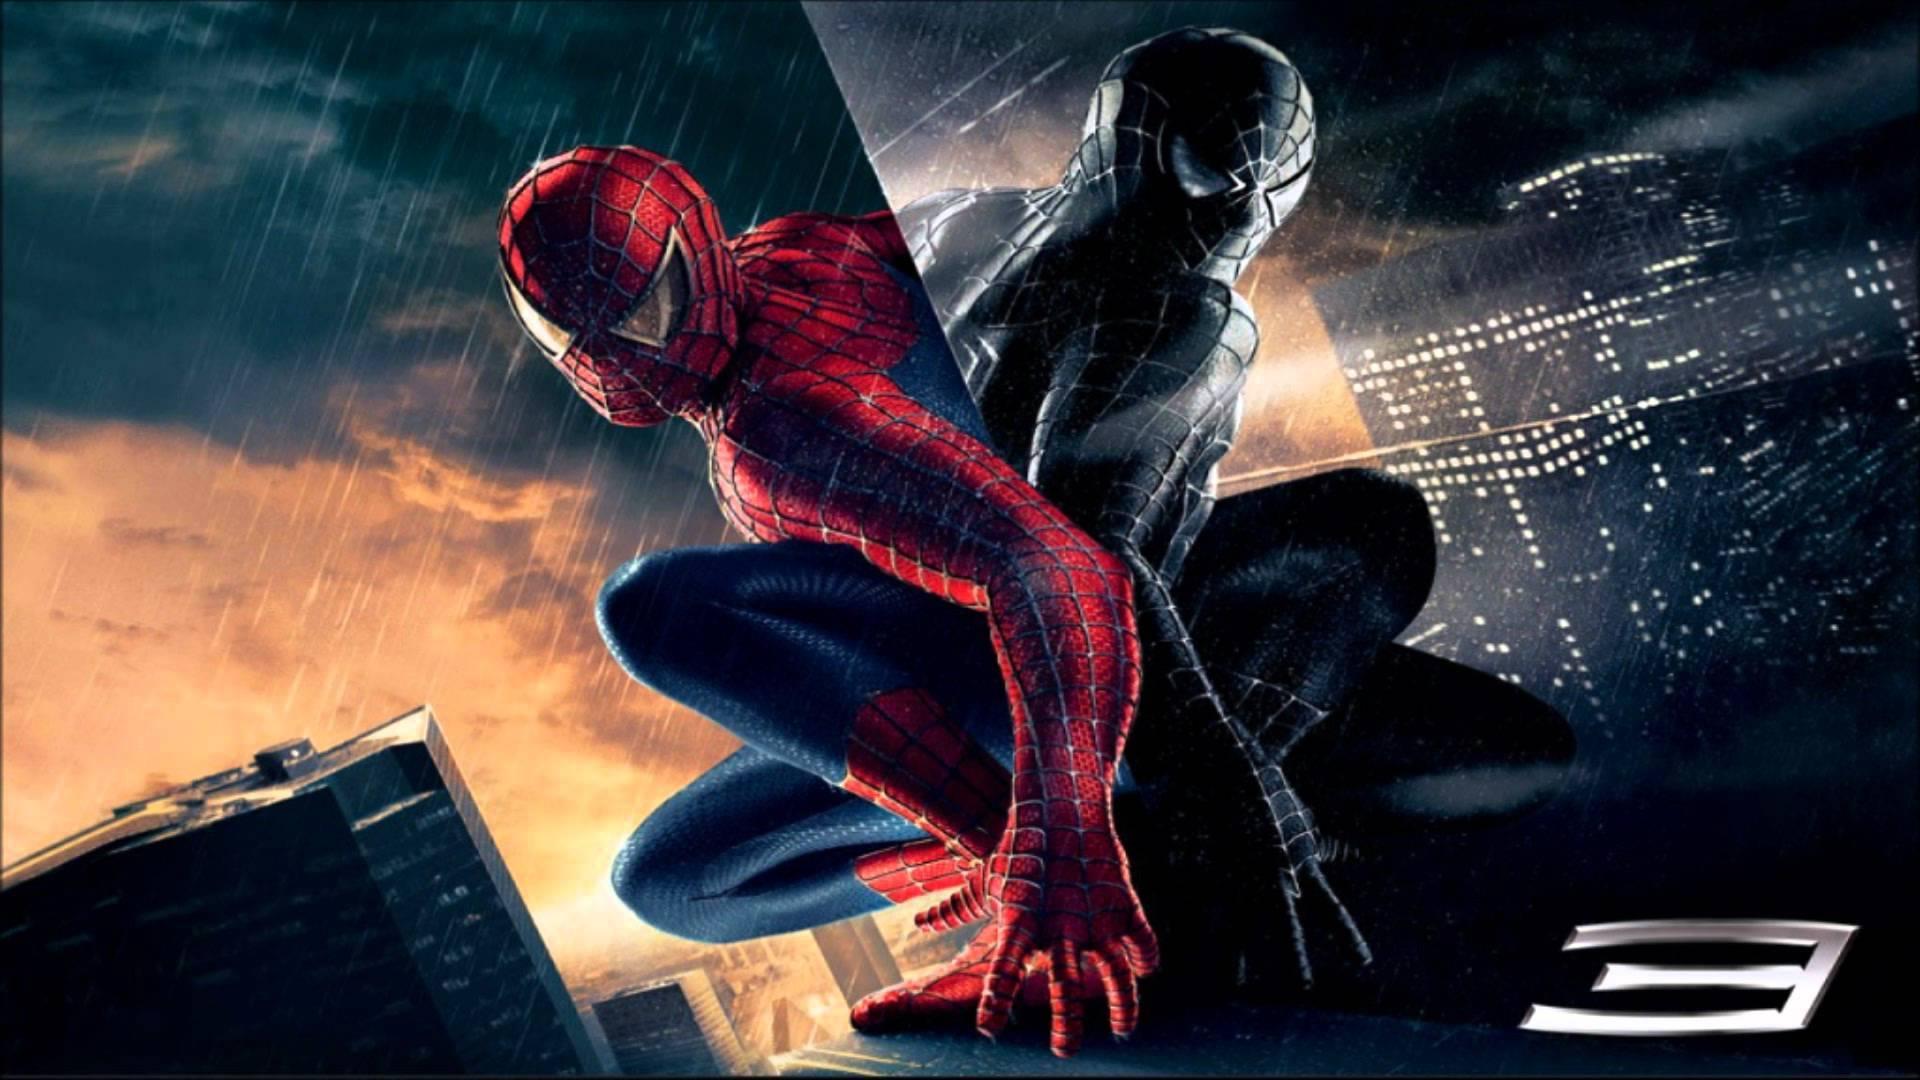 Spider Man 3 Wallpaper Wallpaper for Spider Man 3 Spider Man 3 1920x1080